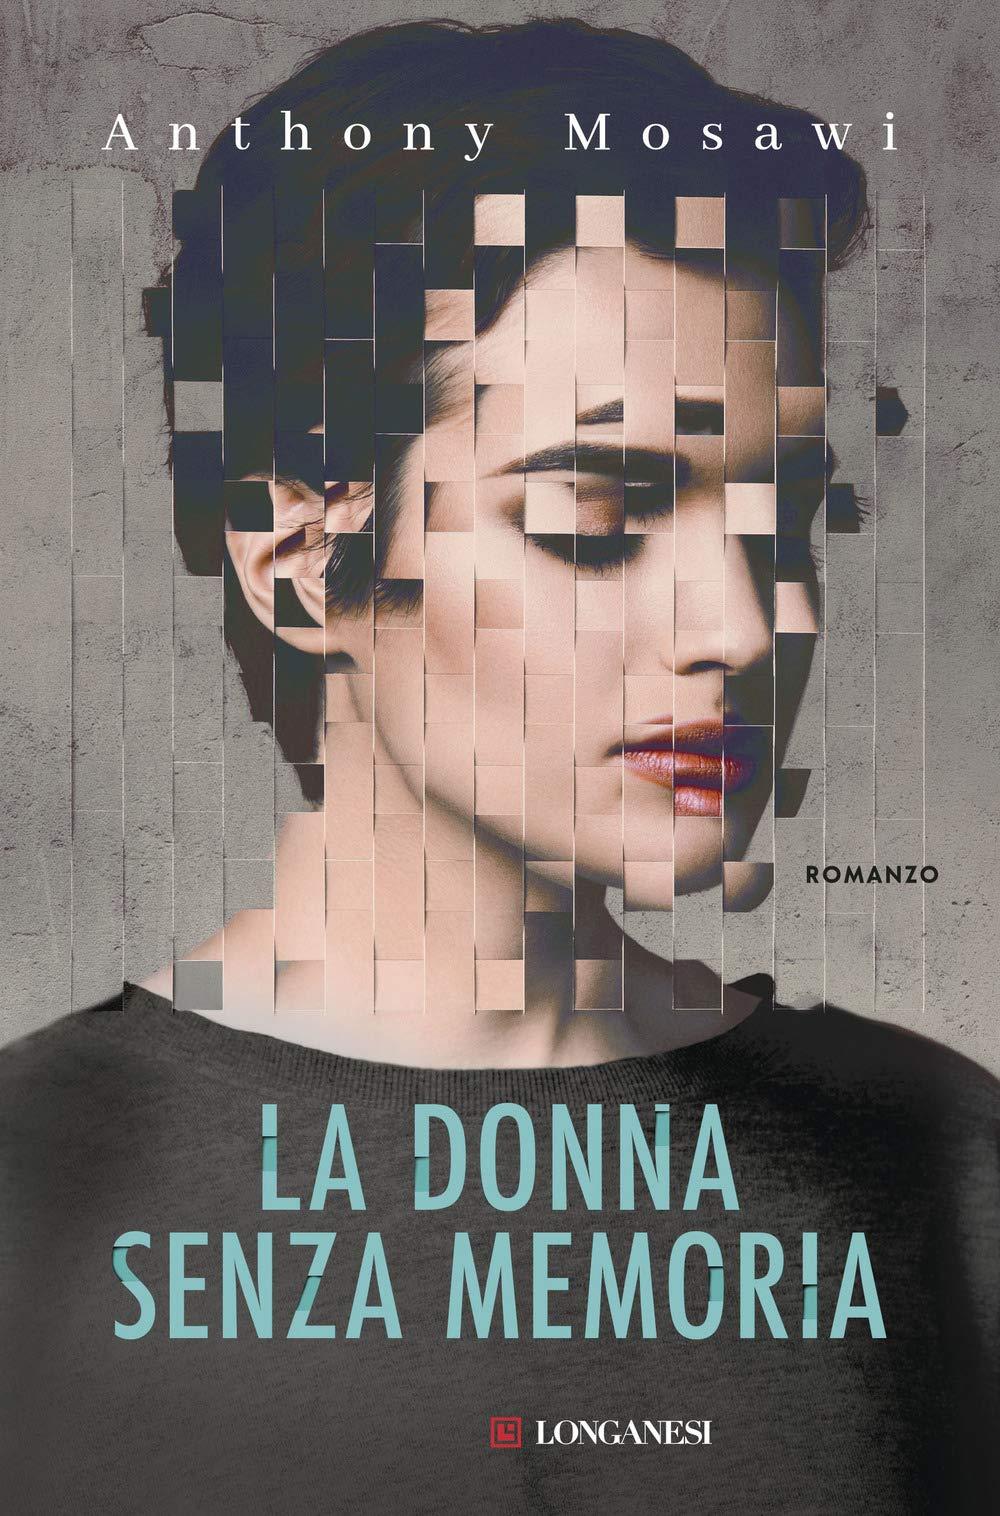 LA DONNA SENZA MEMORIA Book Cover